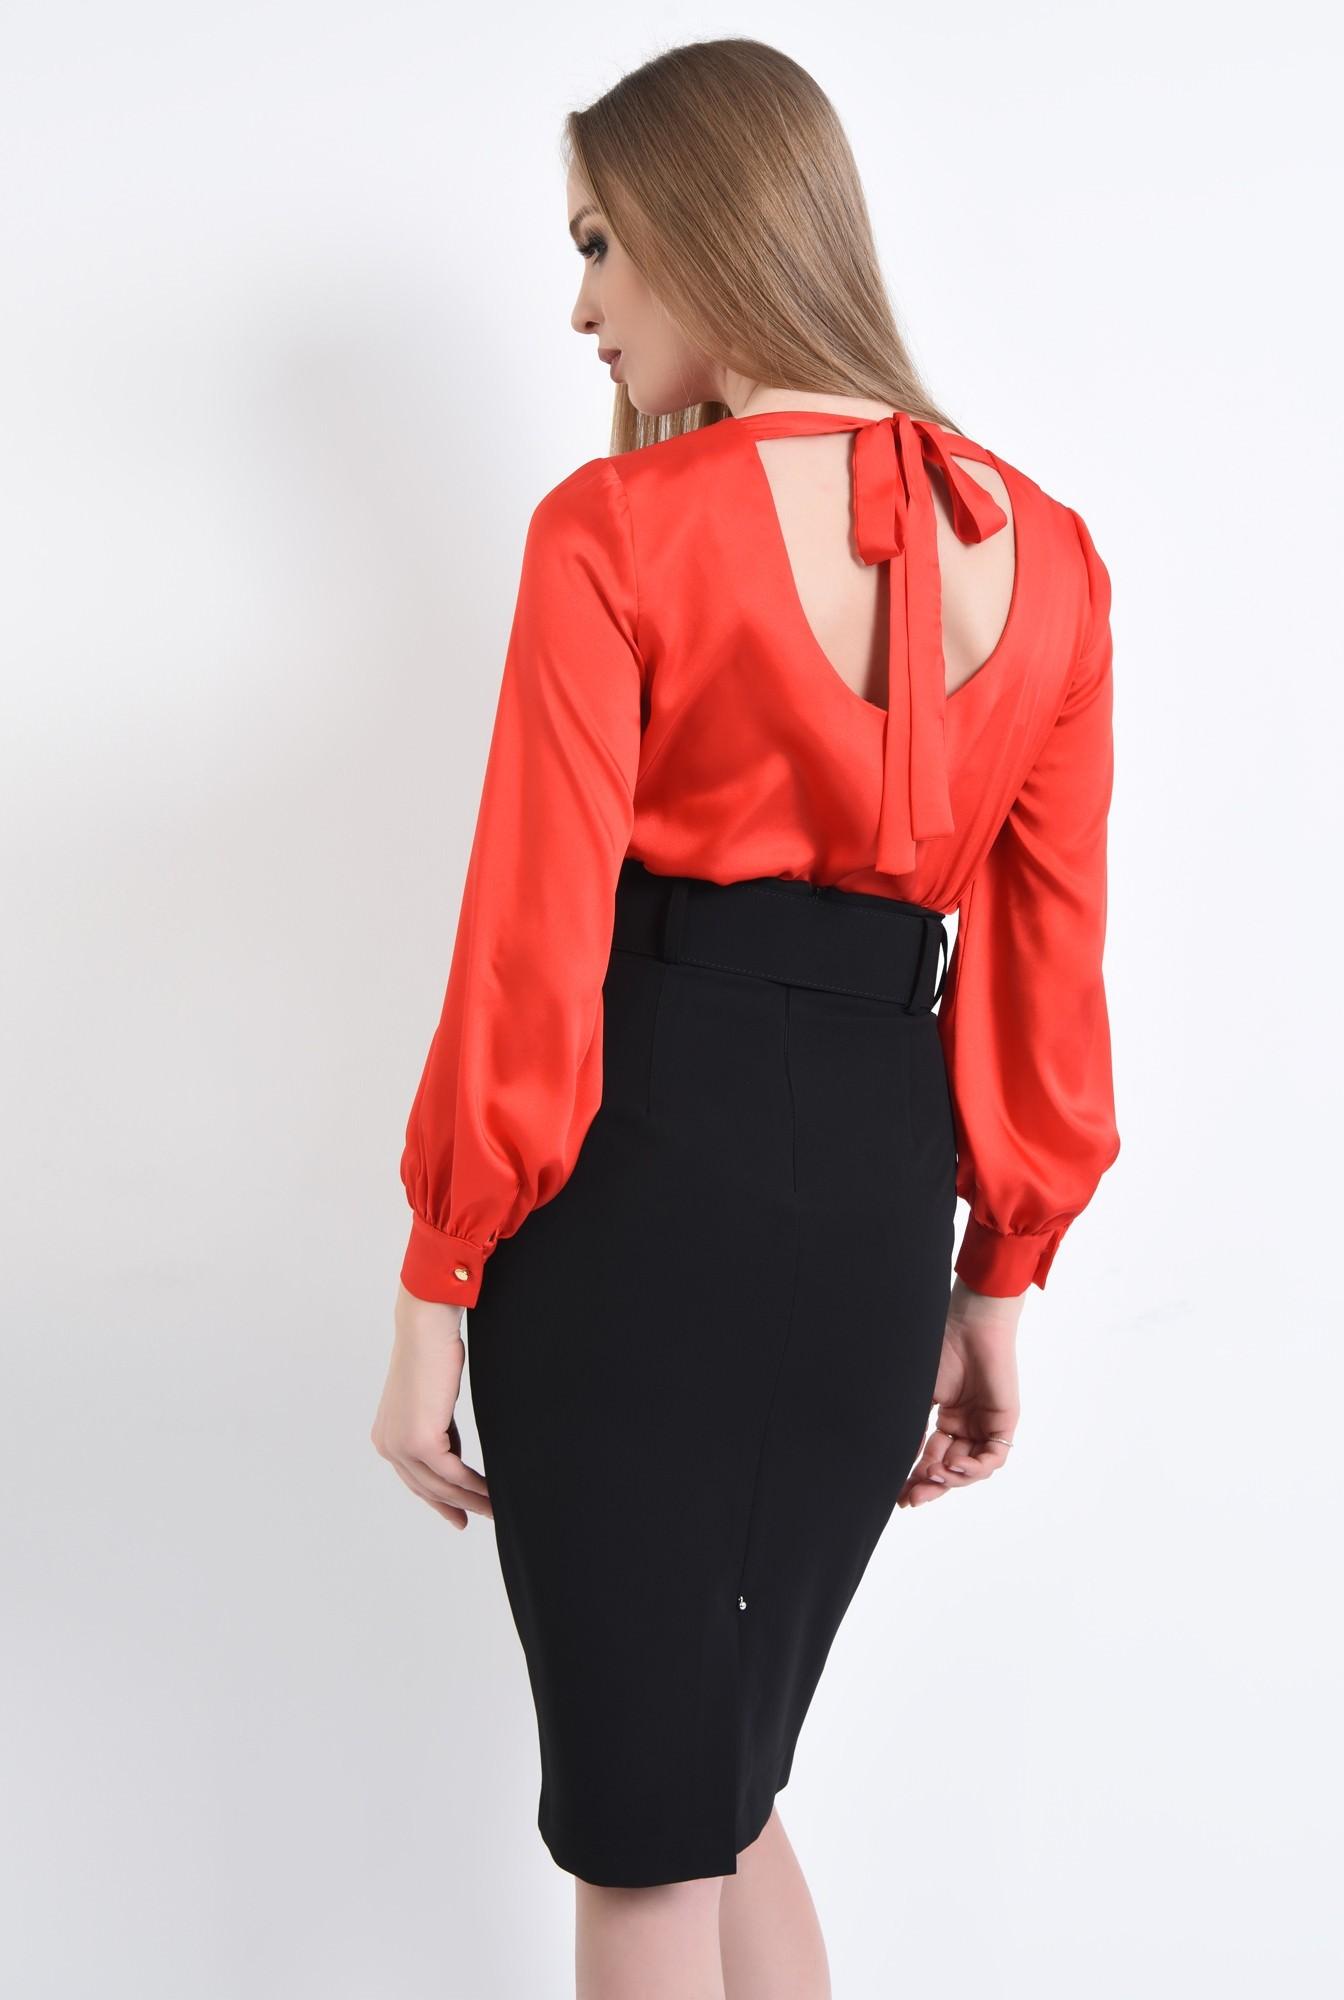 1 - Bluza eleganta, rosu, satin